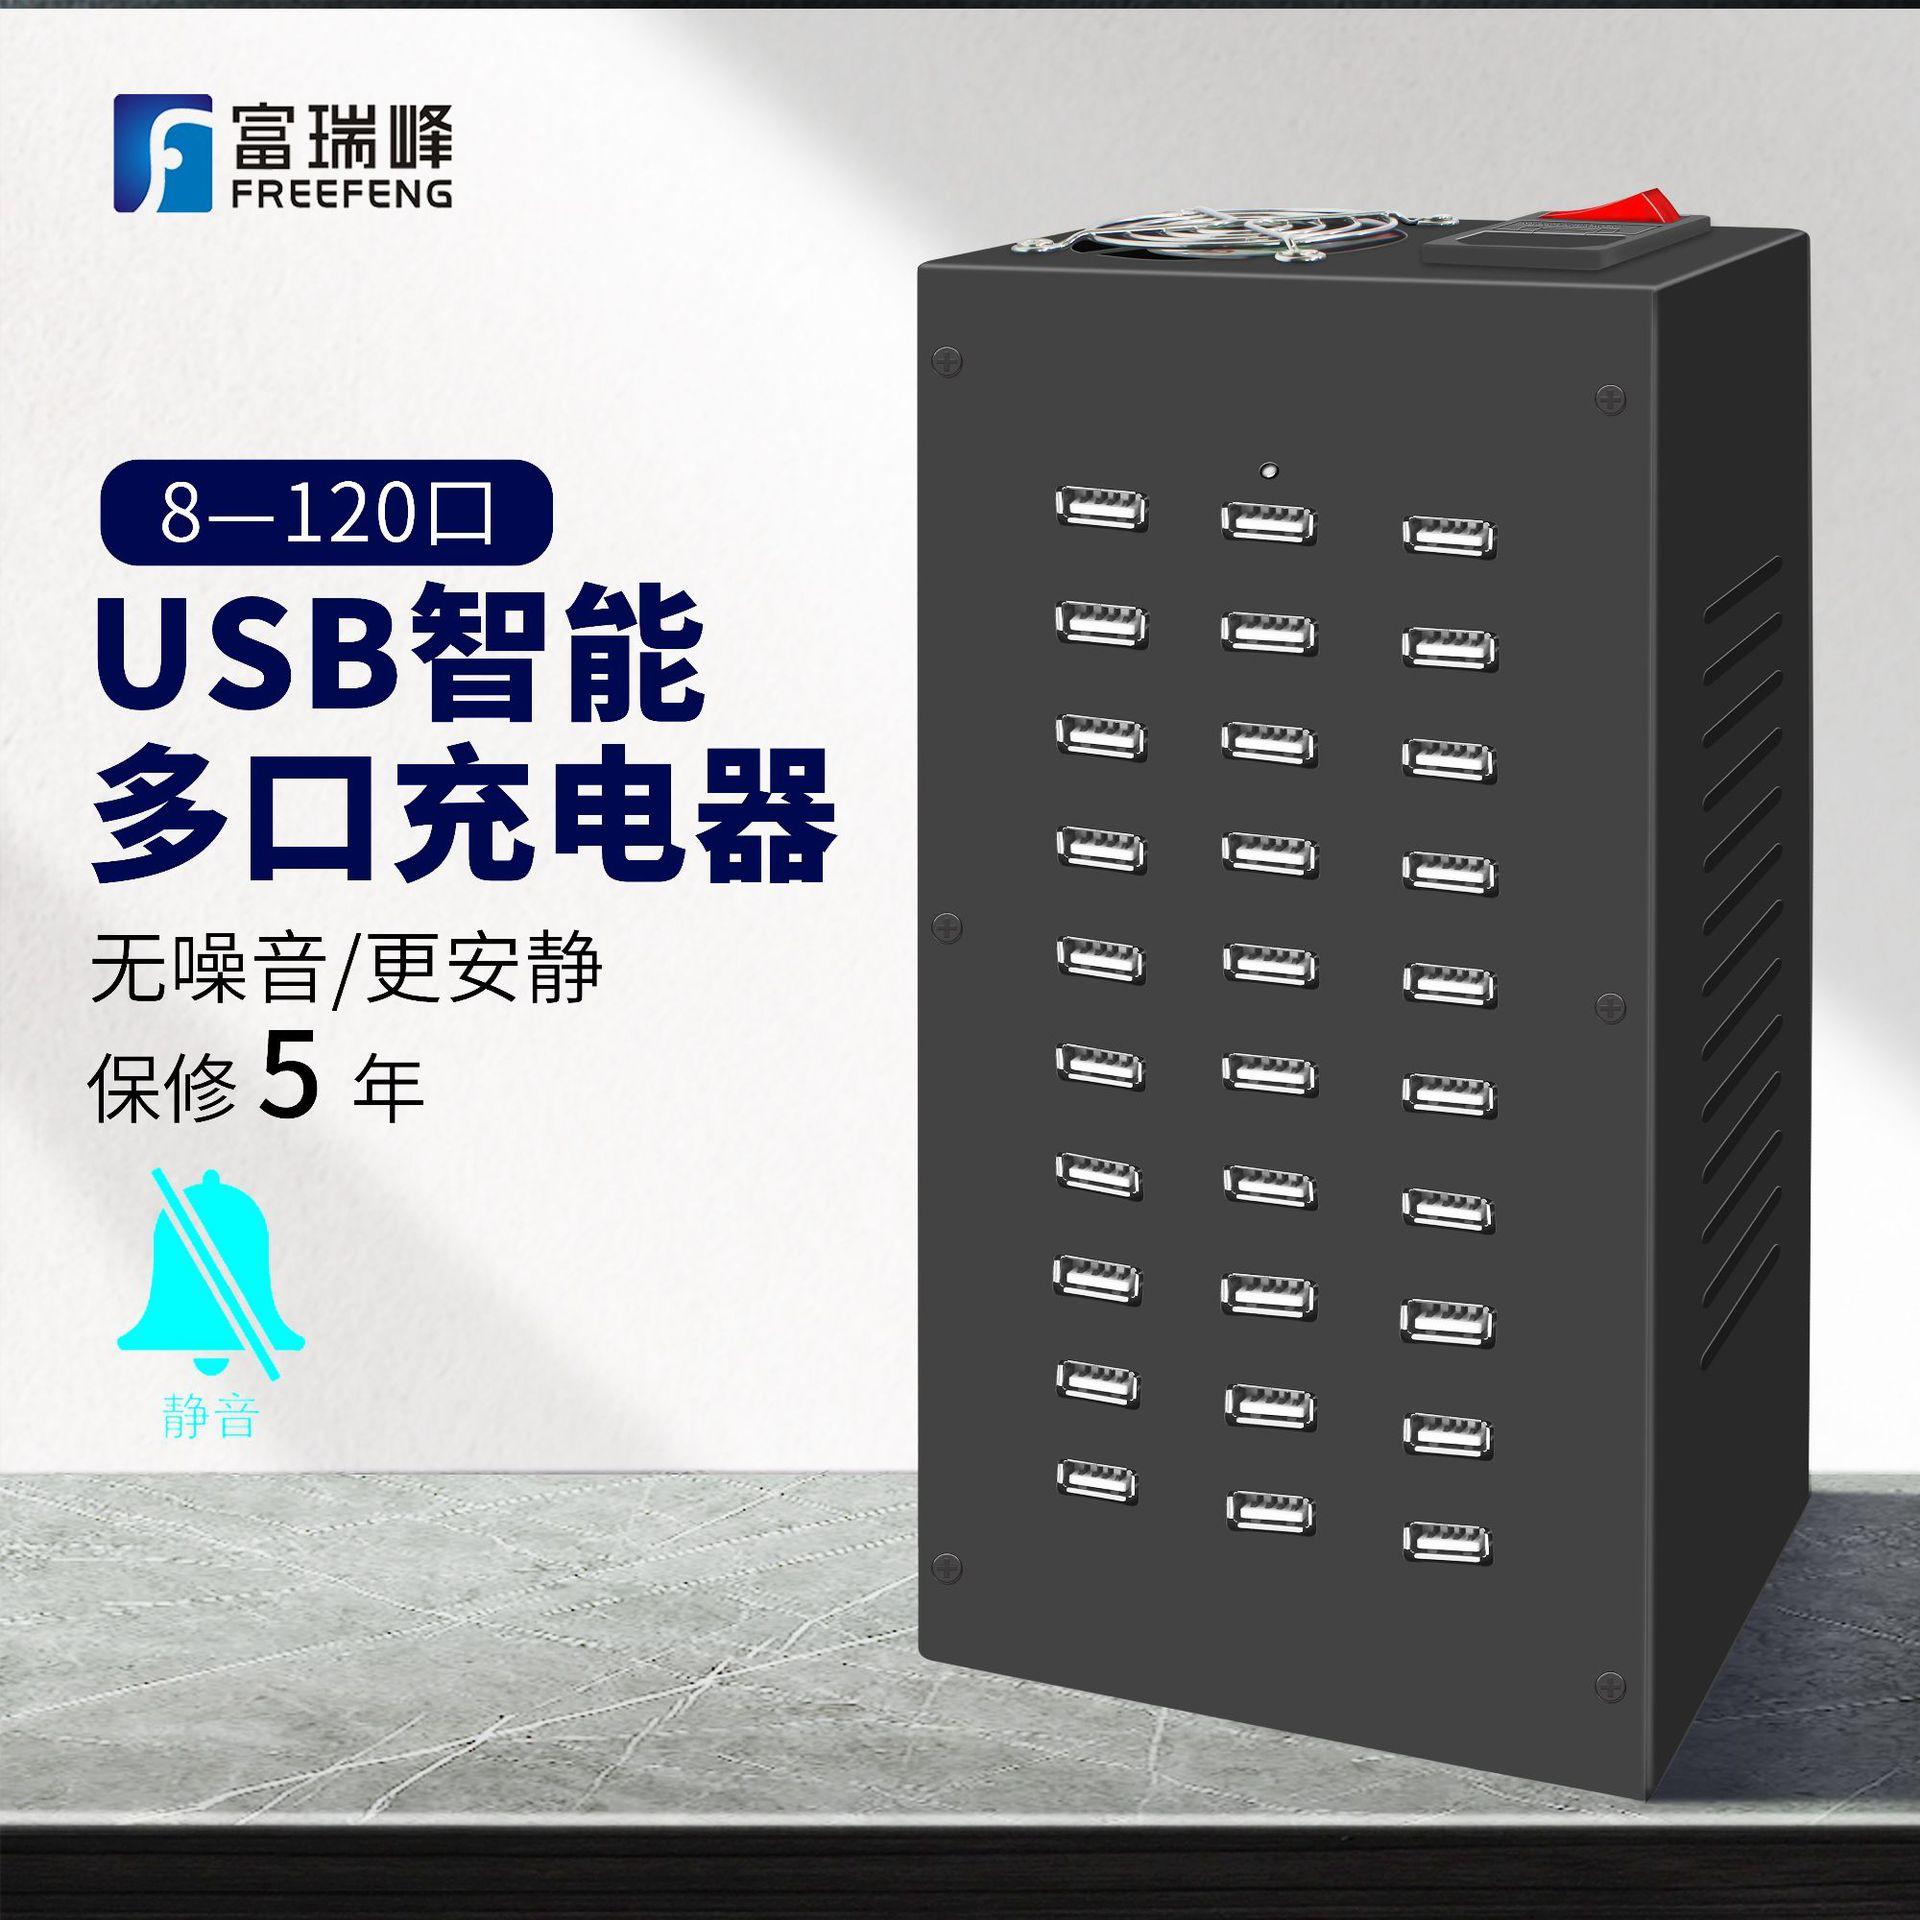 多口usb手机充电器多孔充电器工厂定制批发手机工作室快充24口